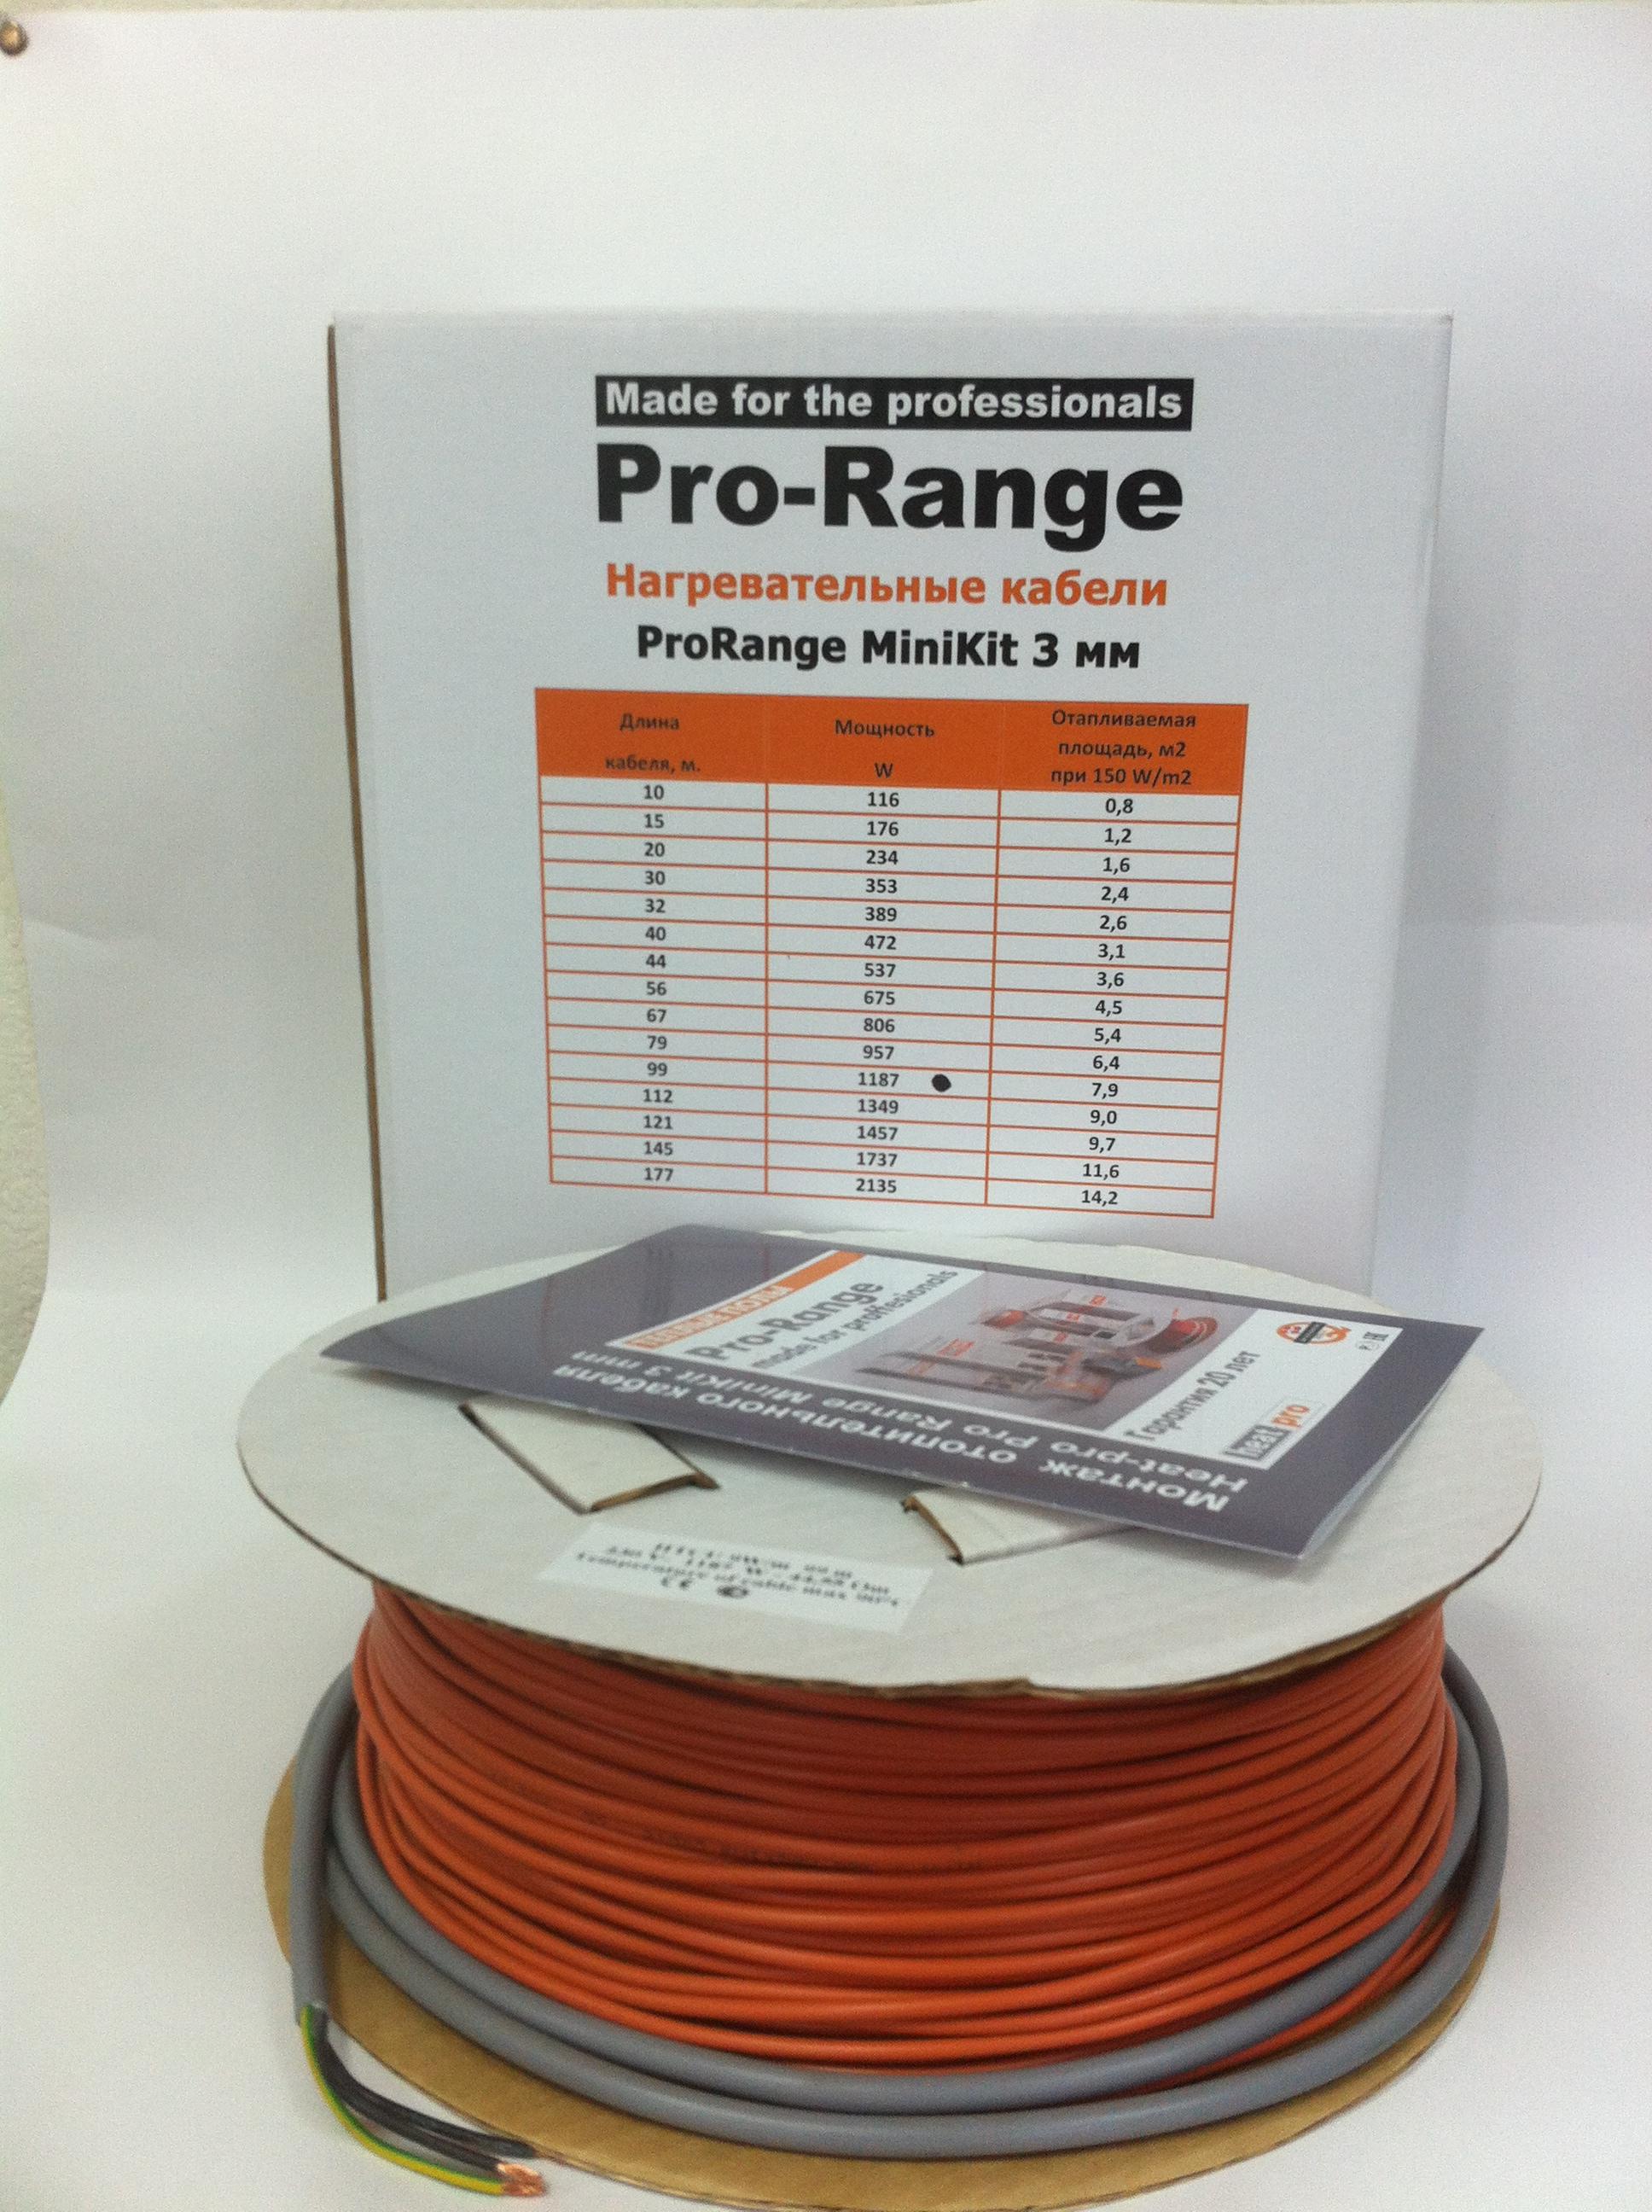 Теплый пол Heat-pro Prc-3.-0389 теплый пол теплолюкс profimat160 10 0